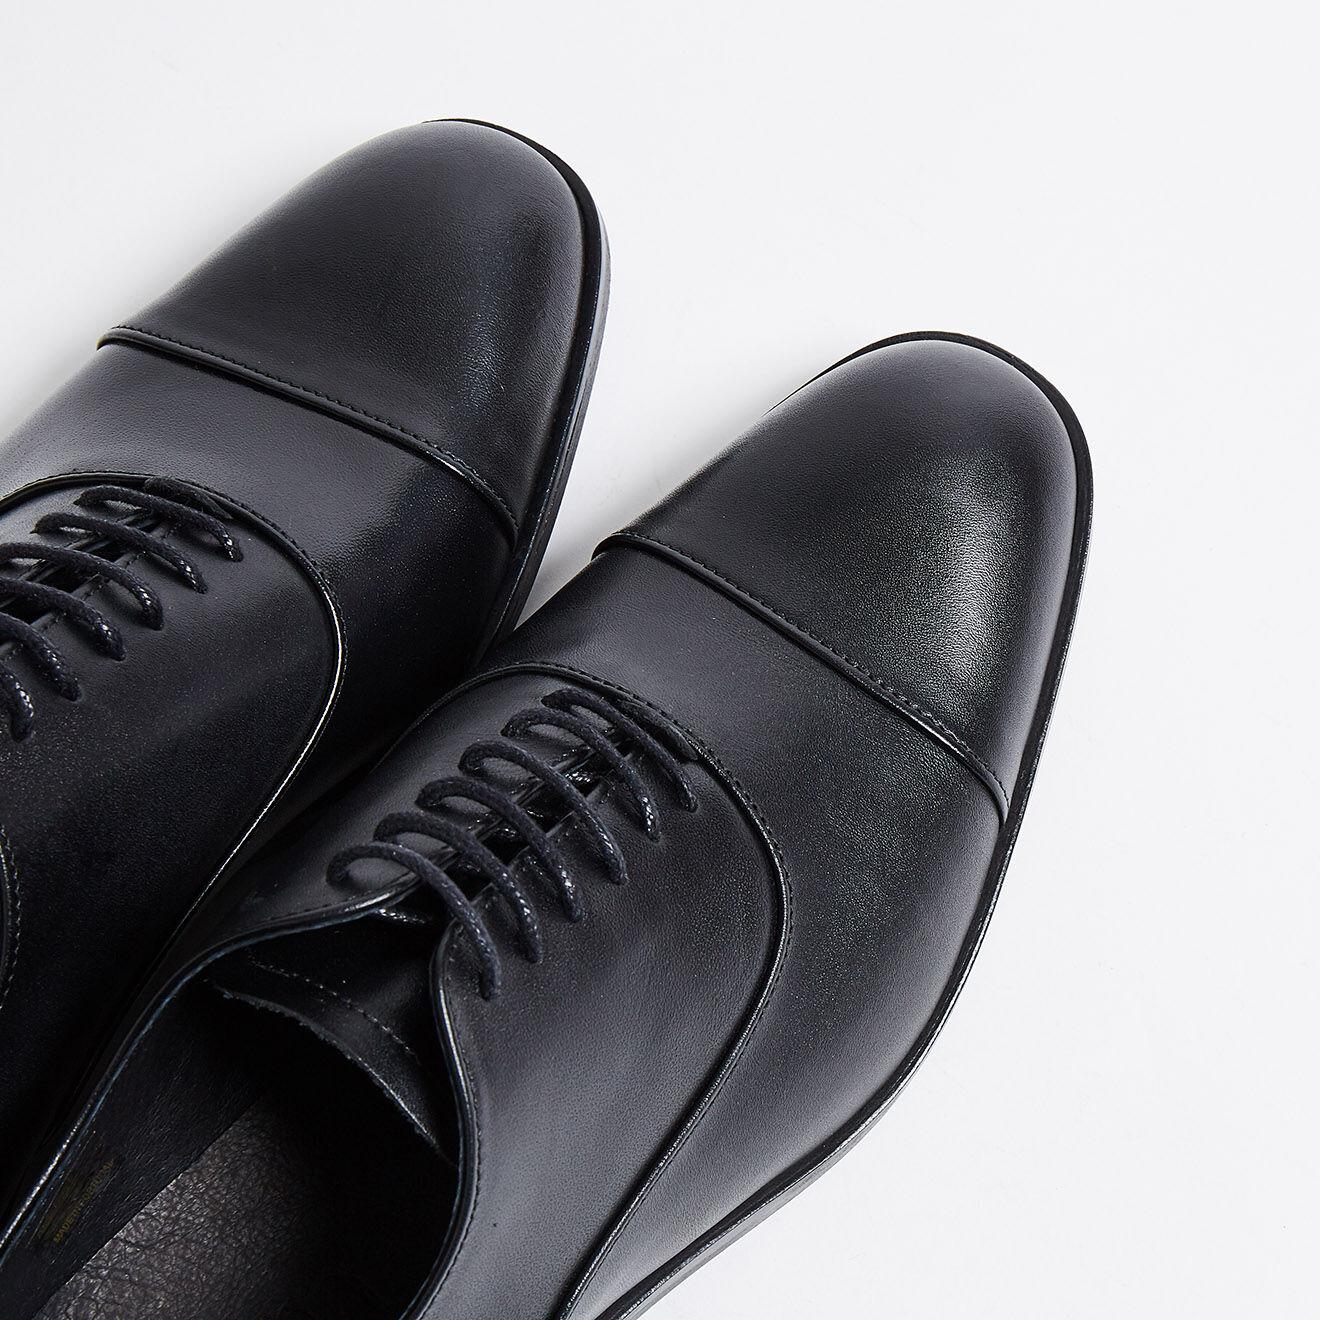 95d62947e2f Richelieu Homme - Chaussures Homme - Trouvés 23150 prix